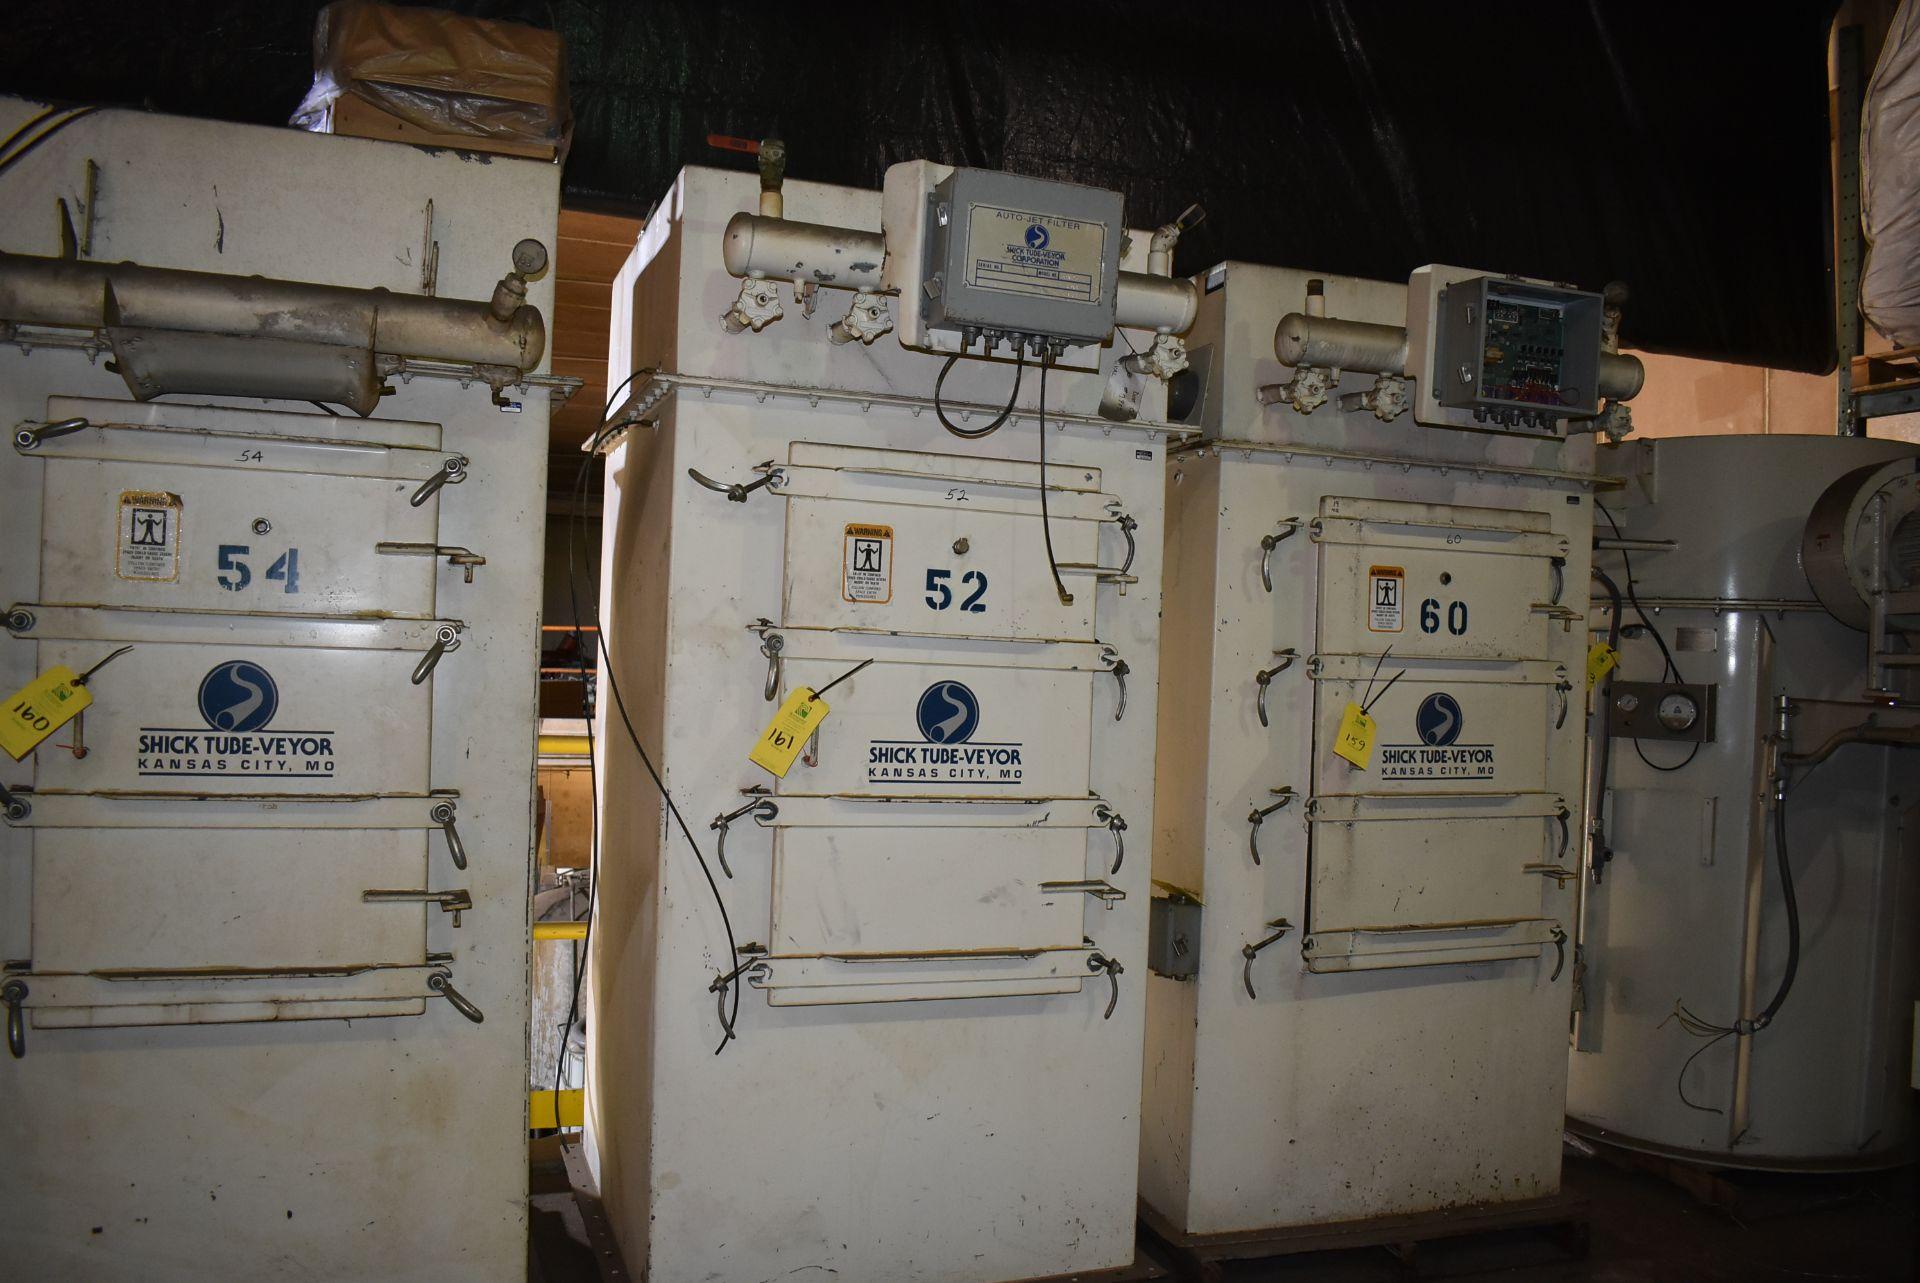 Shick Tube-Veyor Model #58A025 Auto Jet Filter System